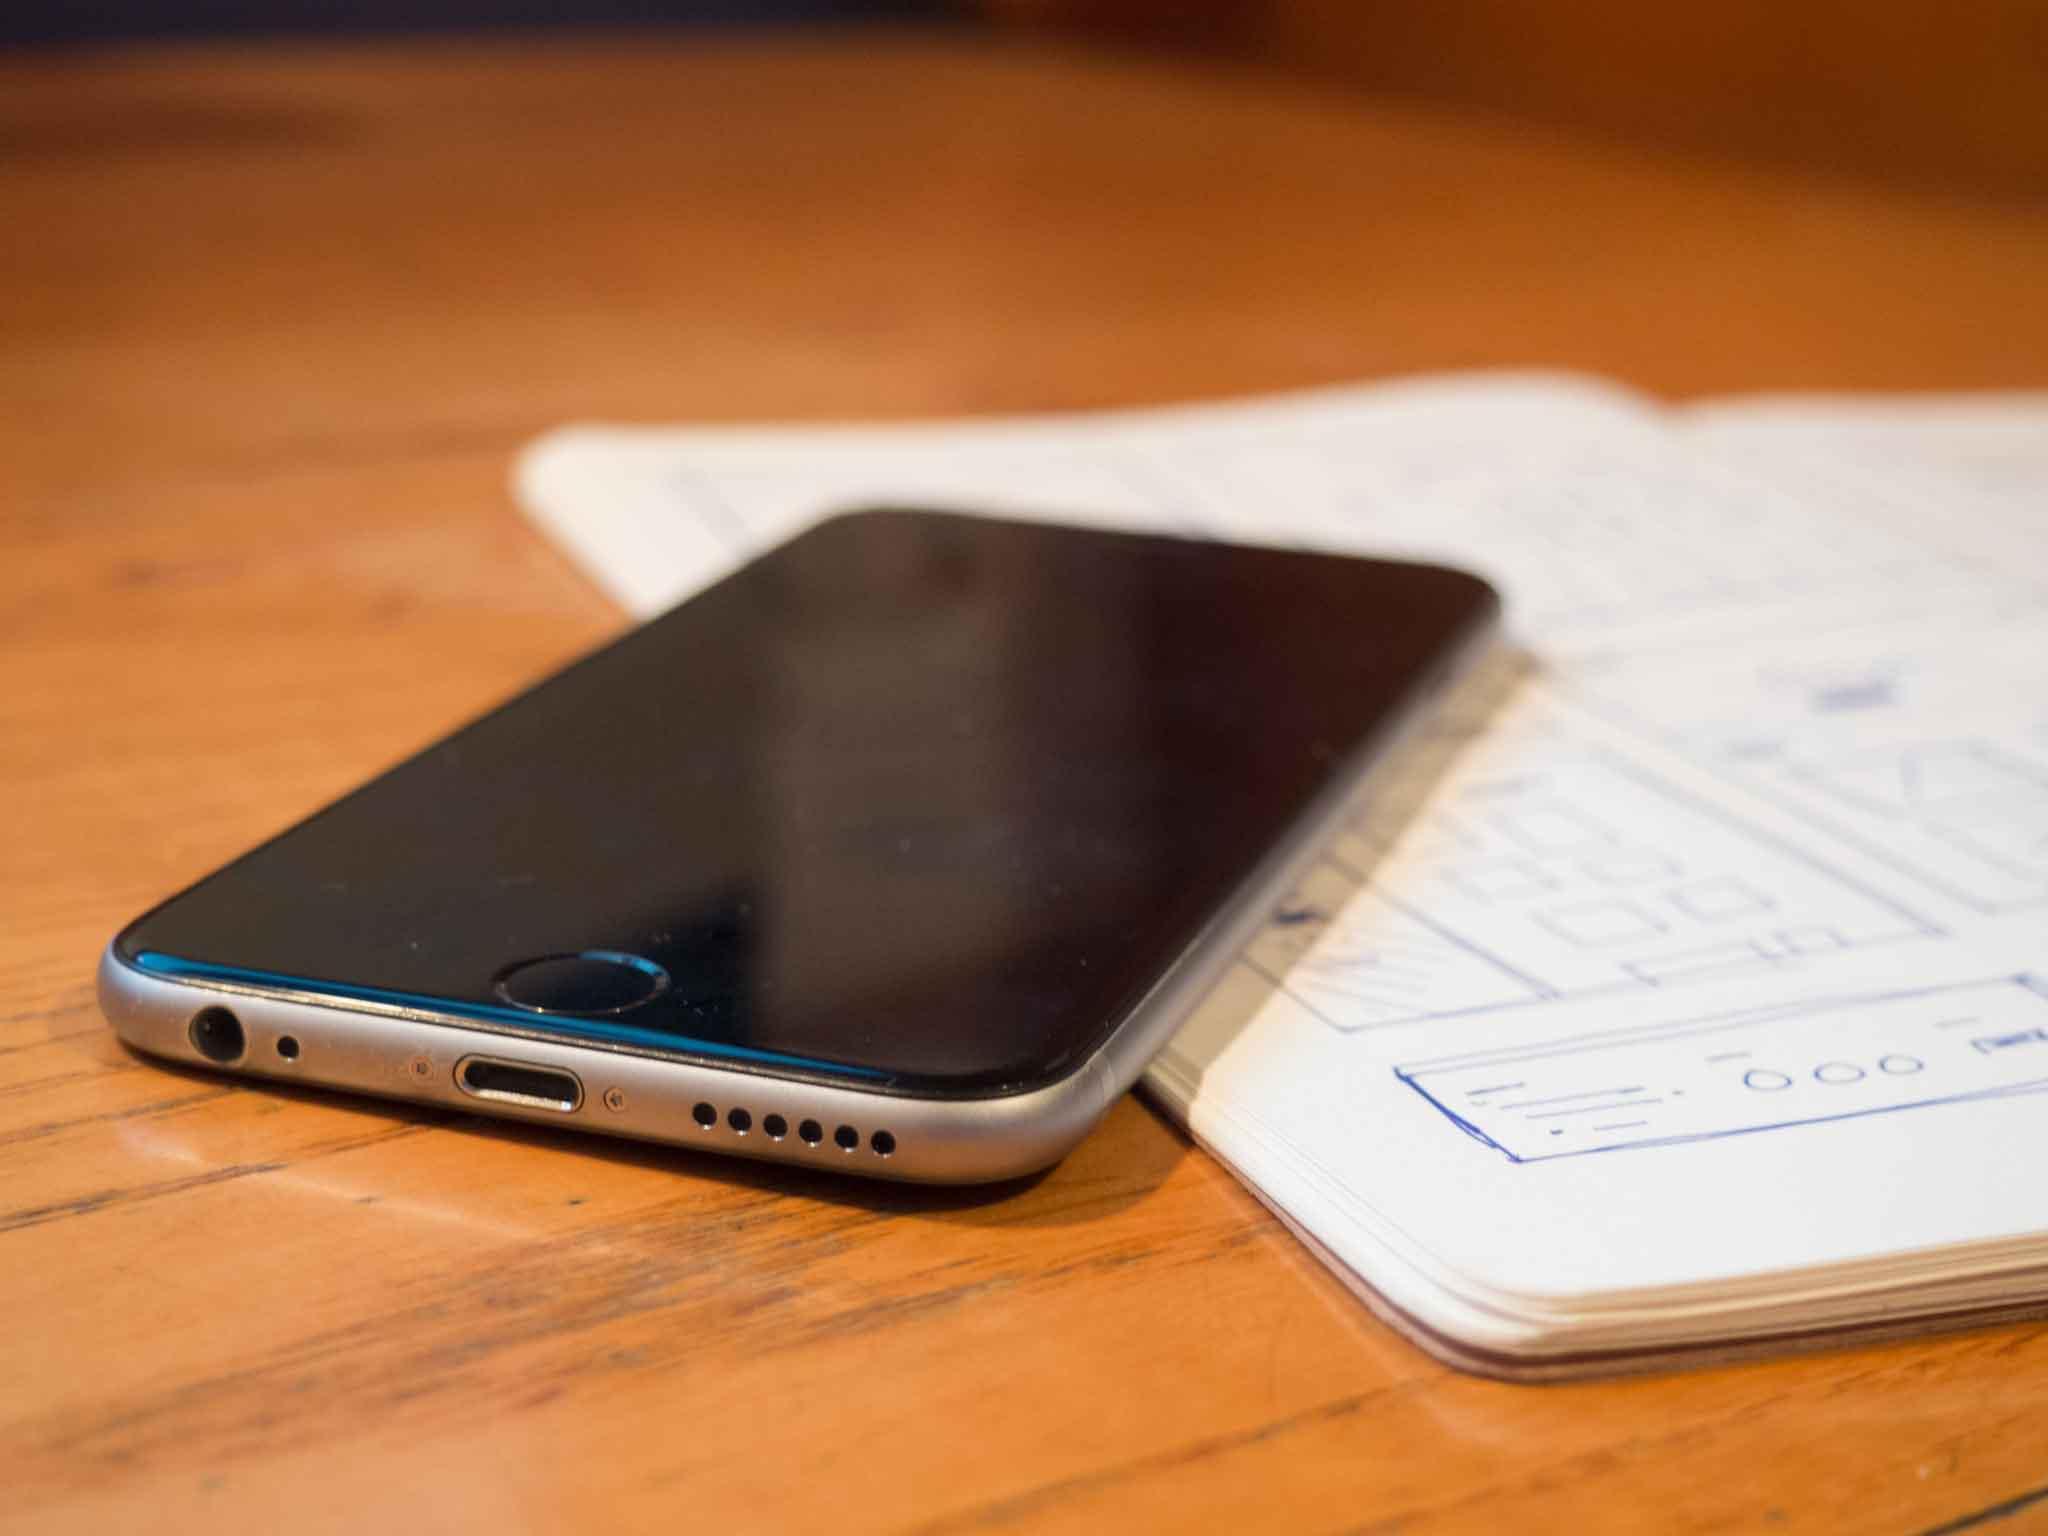 Telefon auf dem Tisch